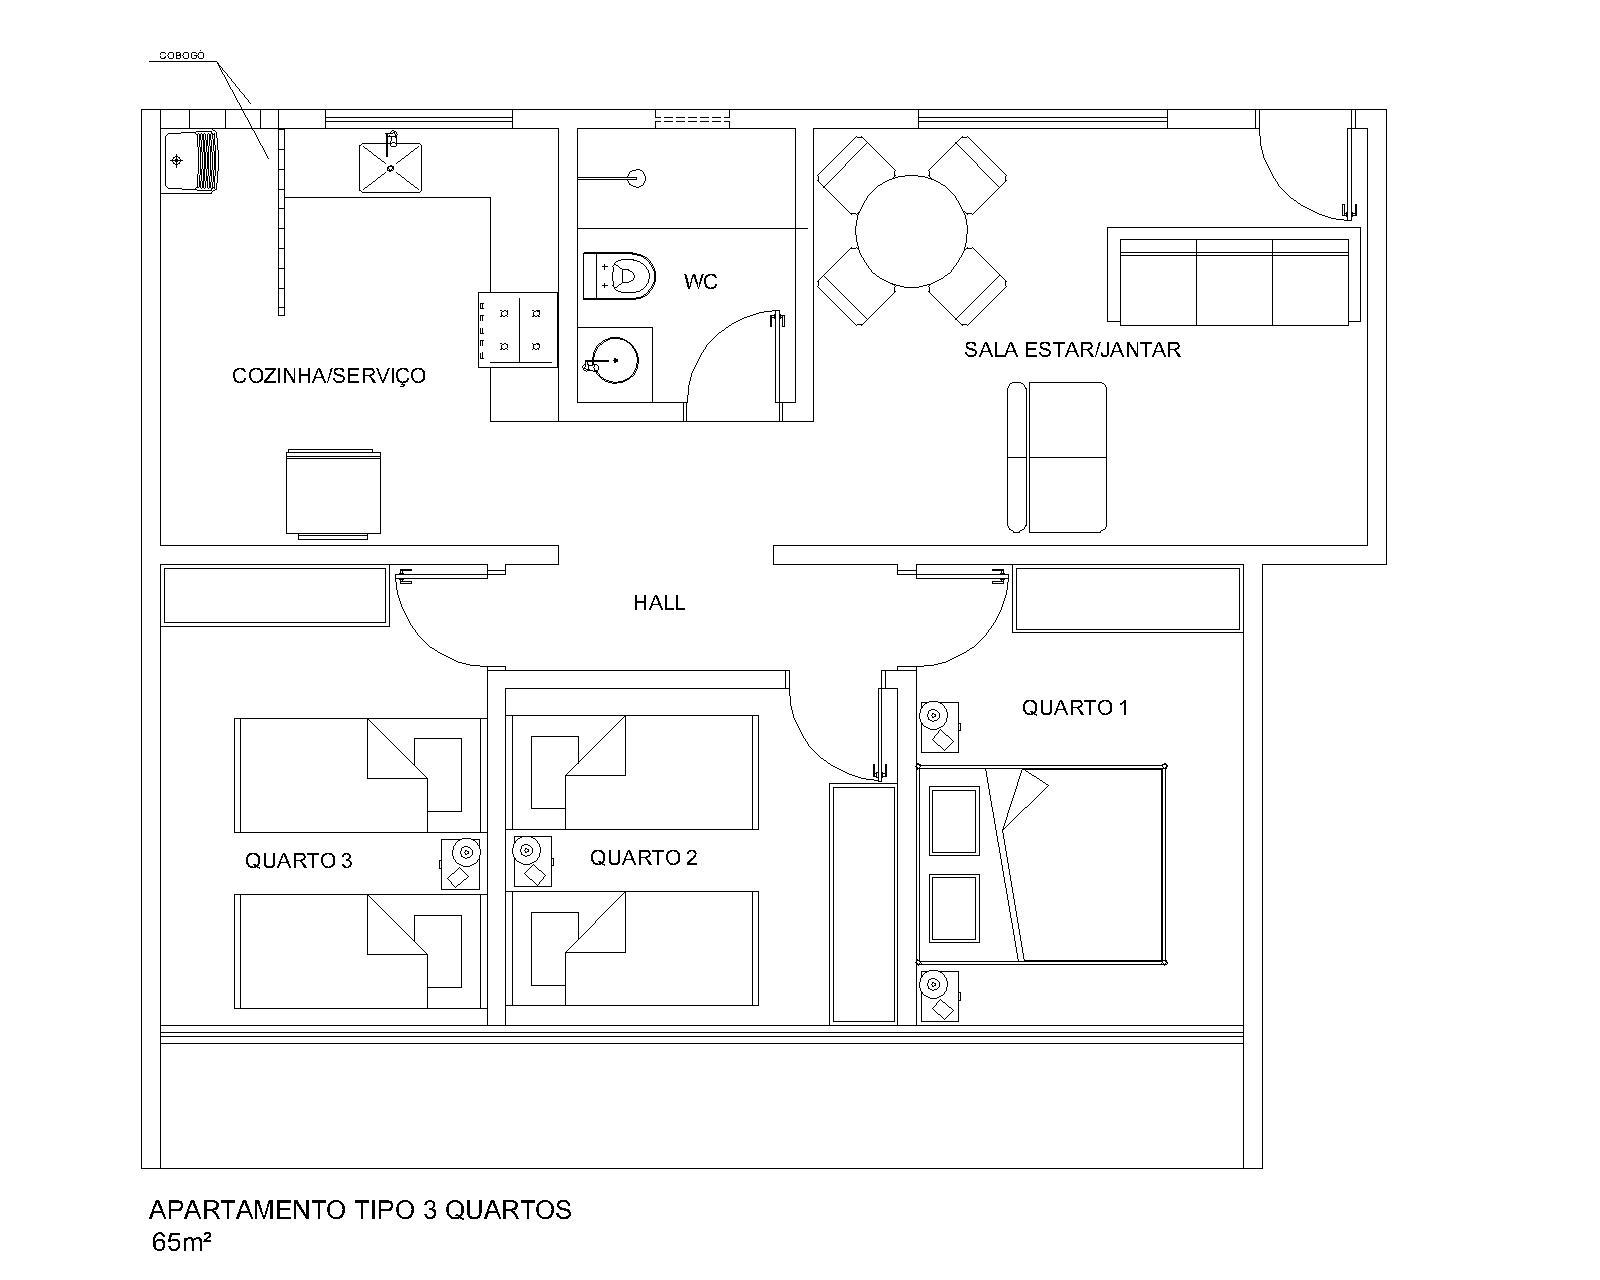 Com isso criei uma planta retangular mantendo os quartos separados em  #4D4D4D 1600 1280